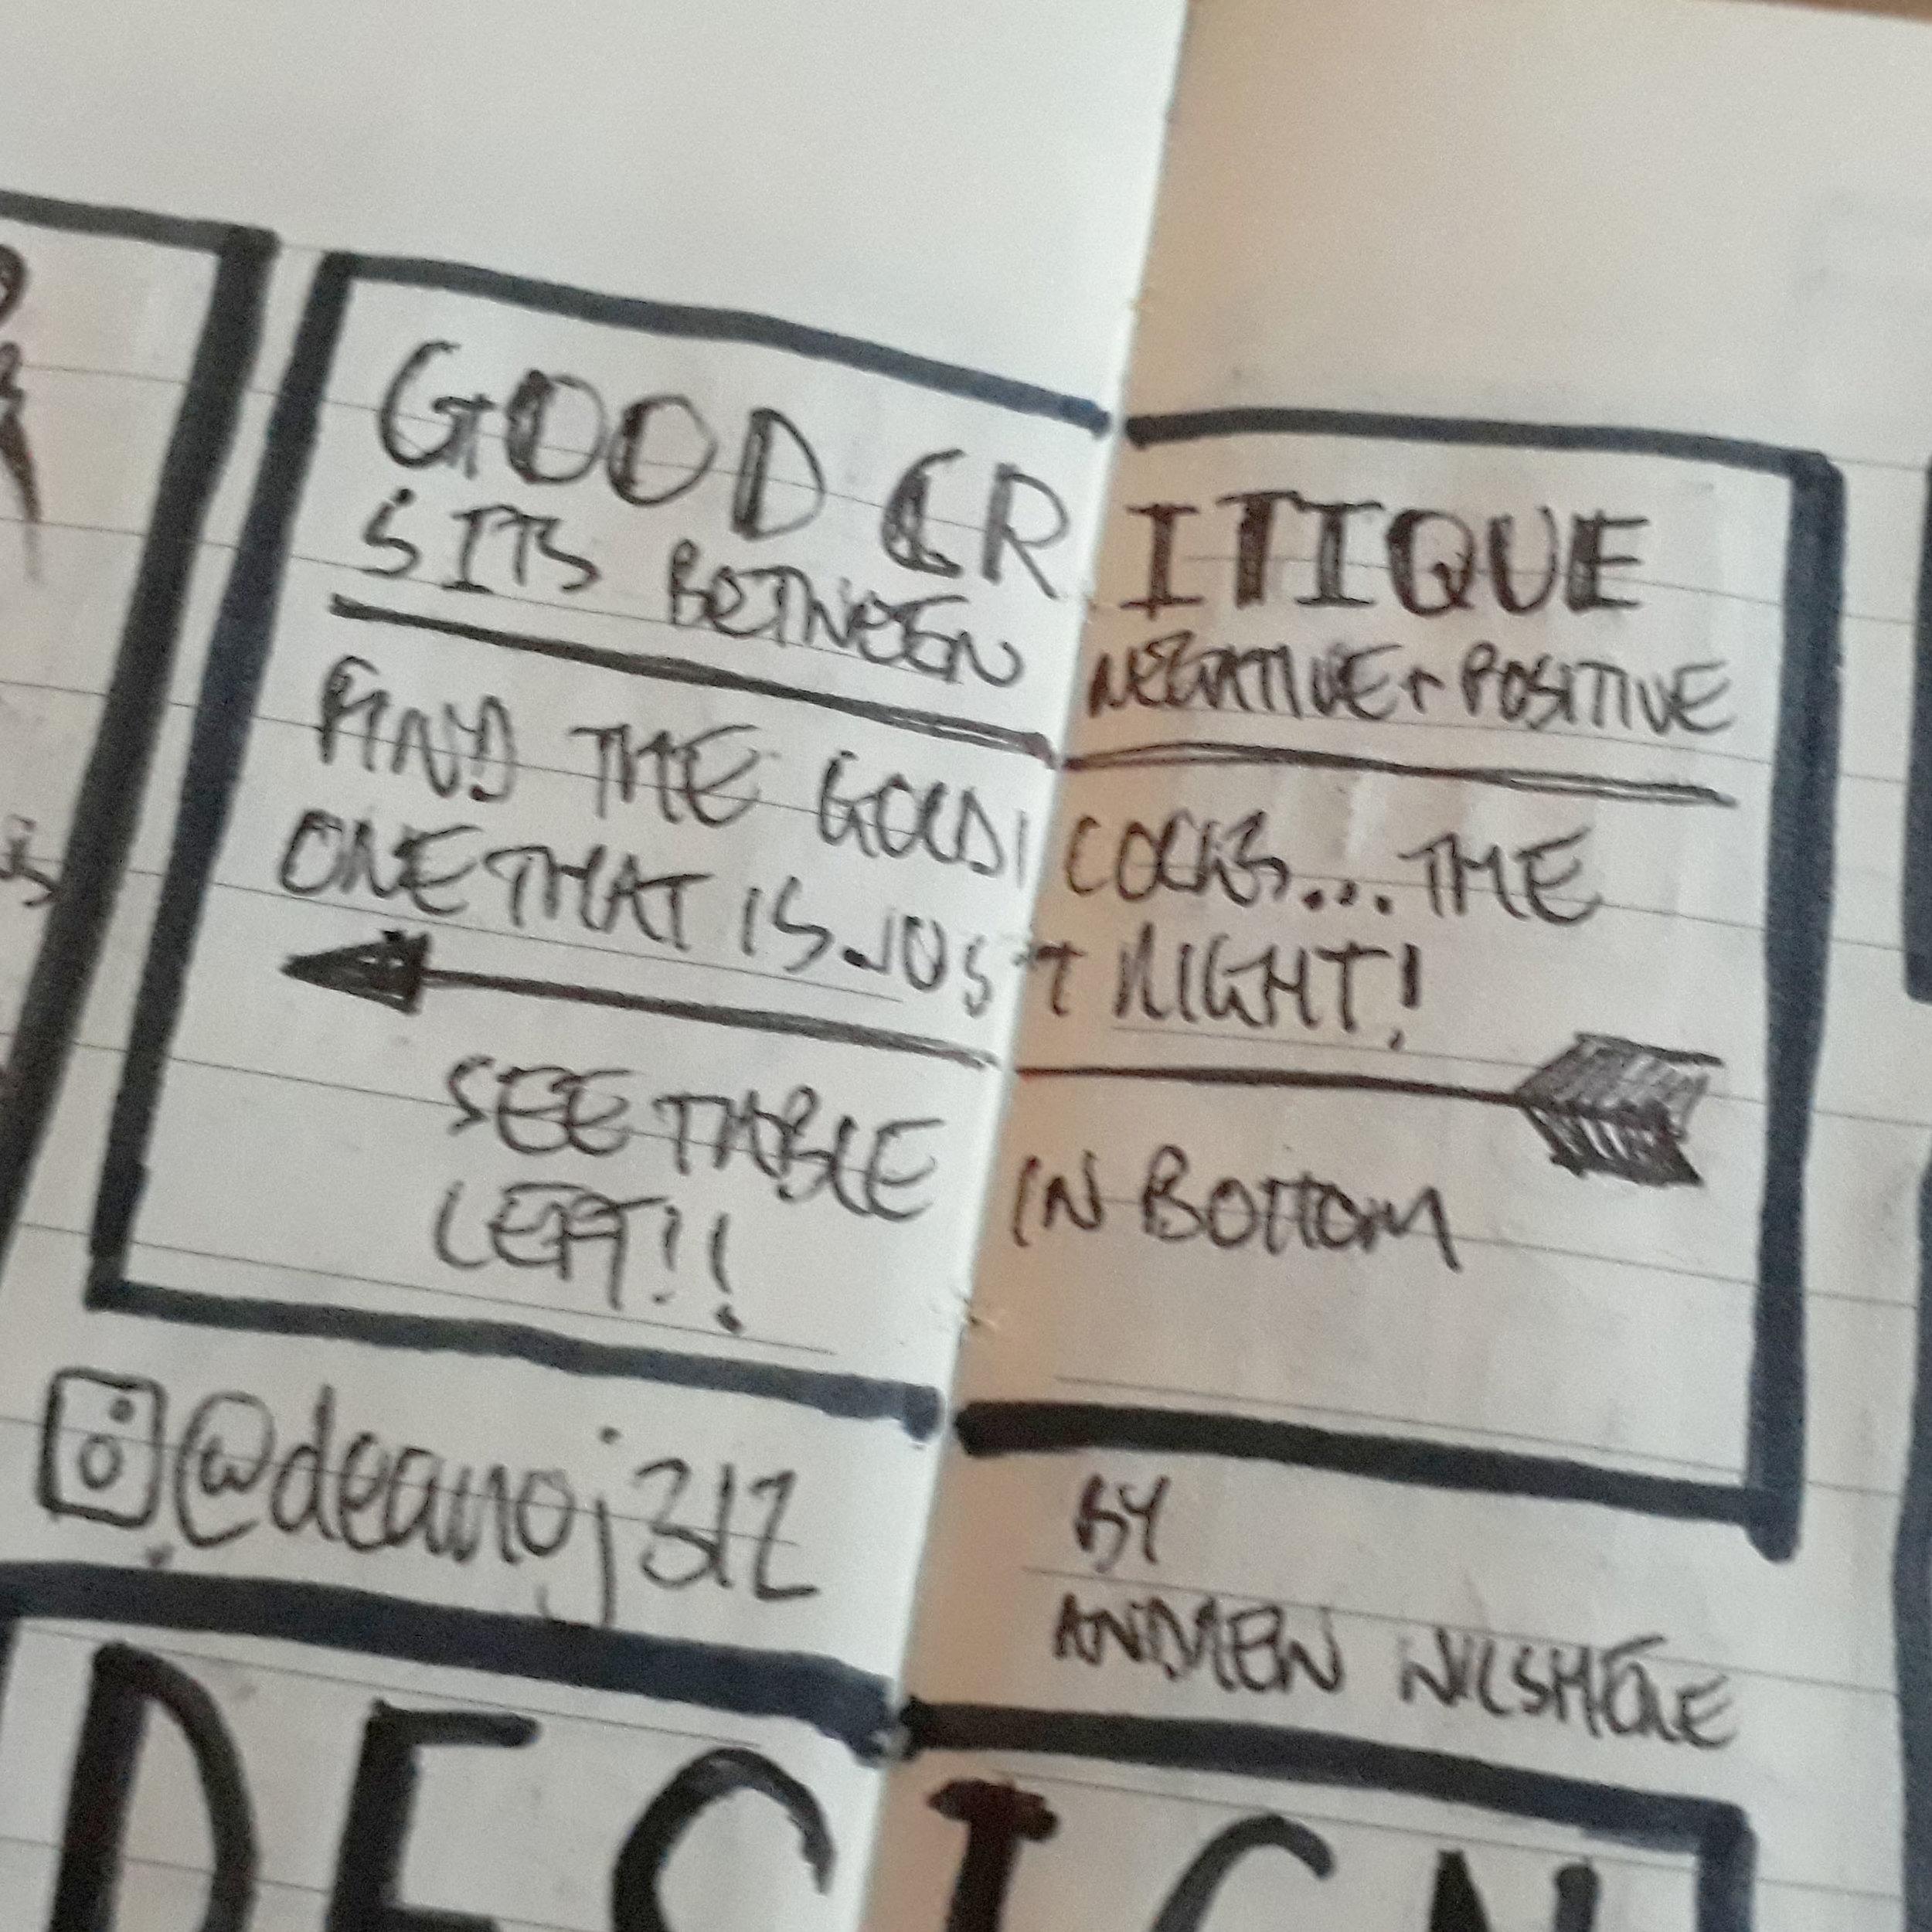 DesignCritiqueBestPractices5.jpg